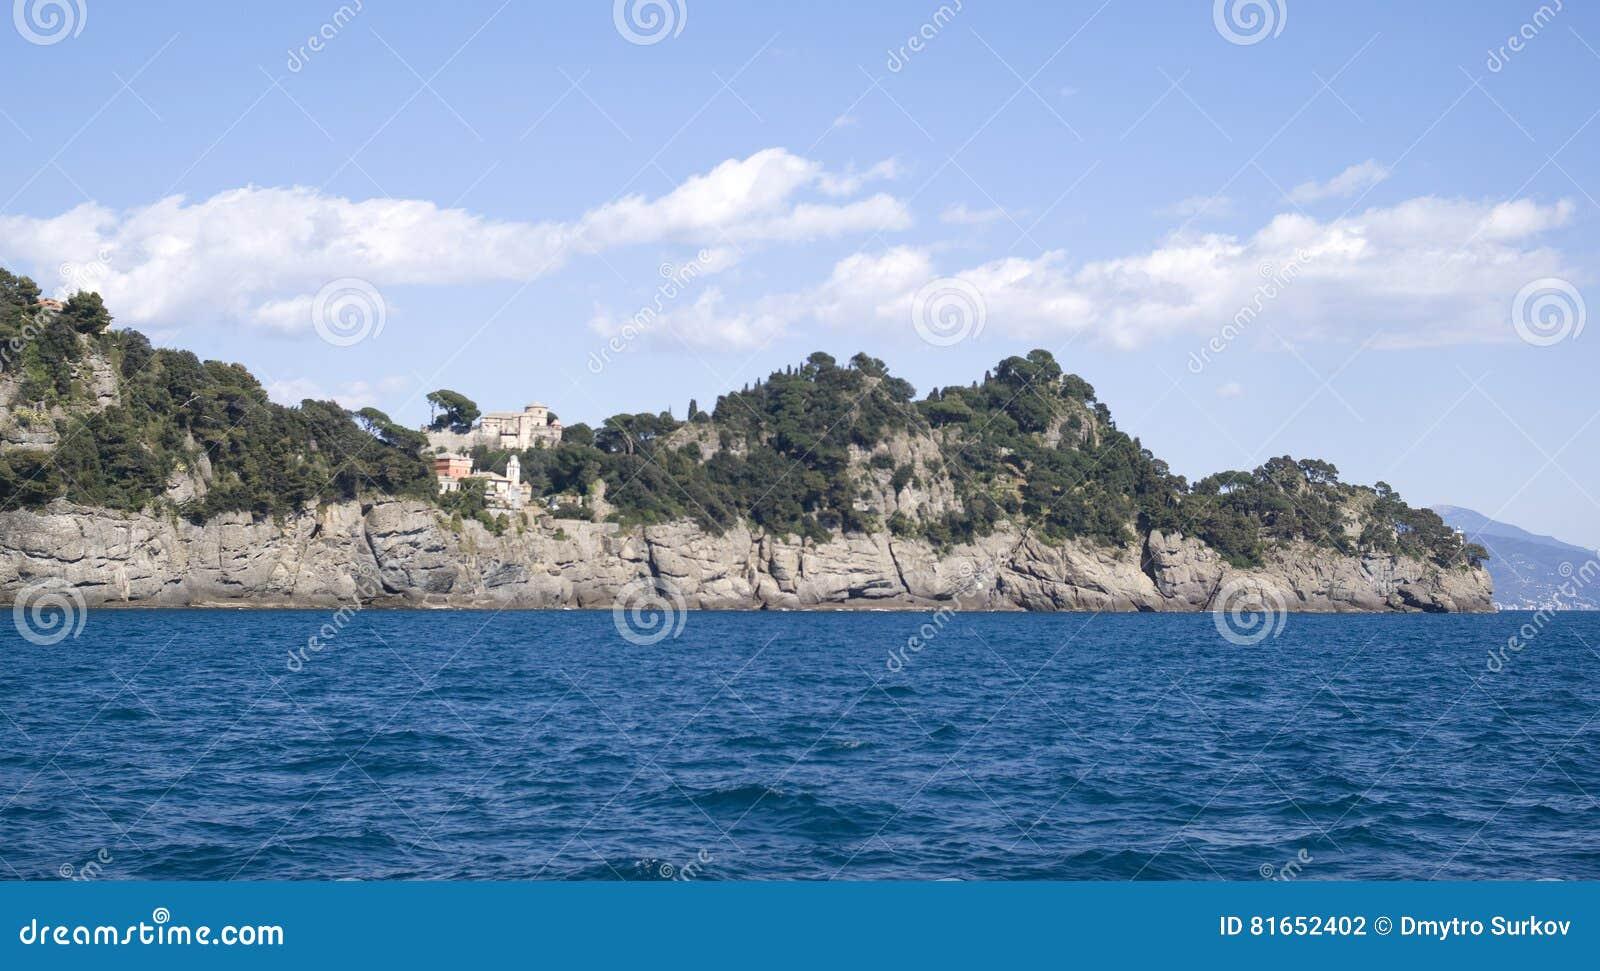 итальянский riviera